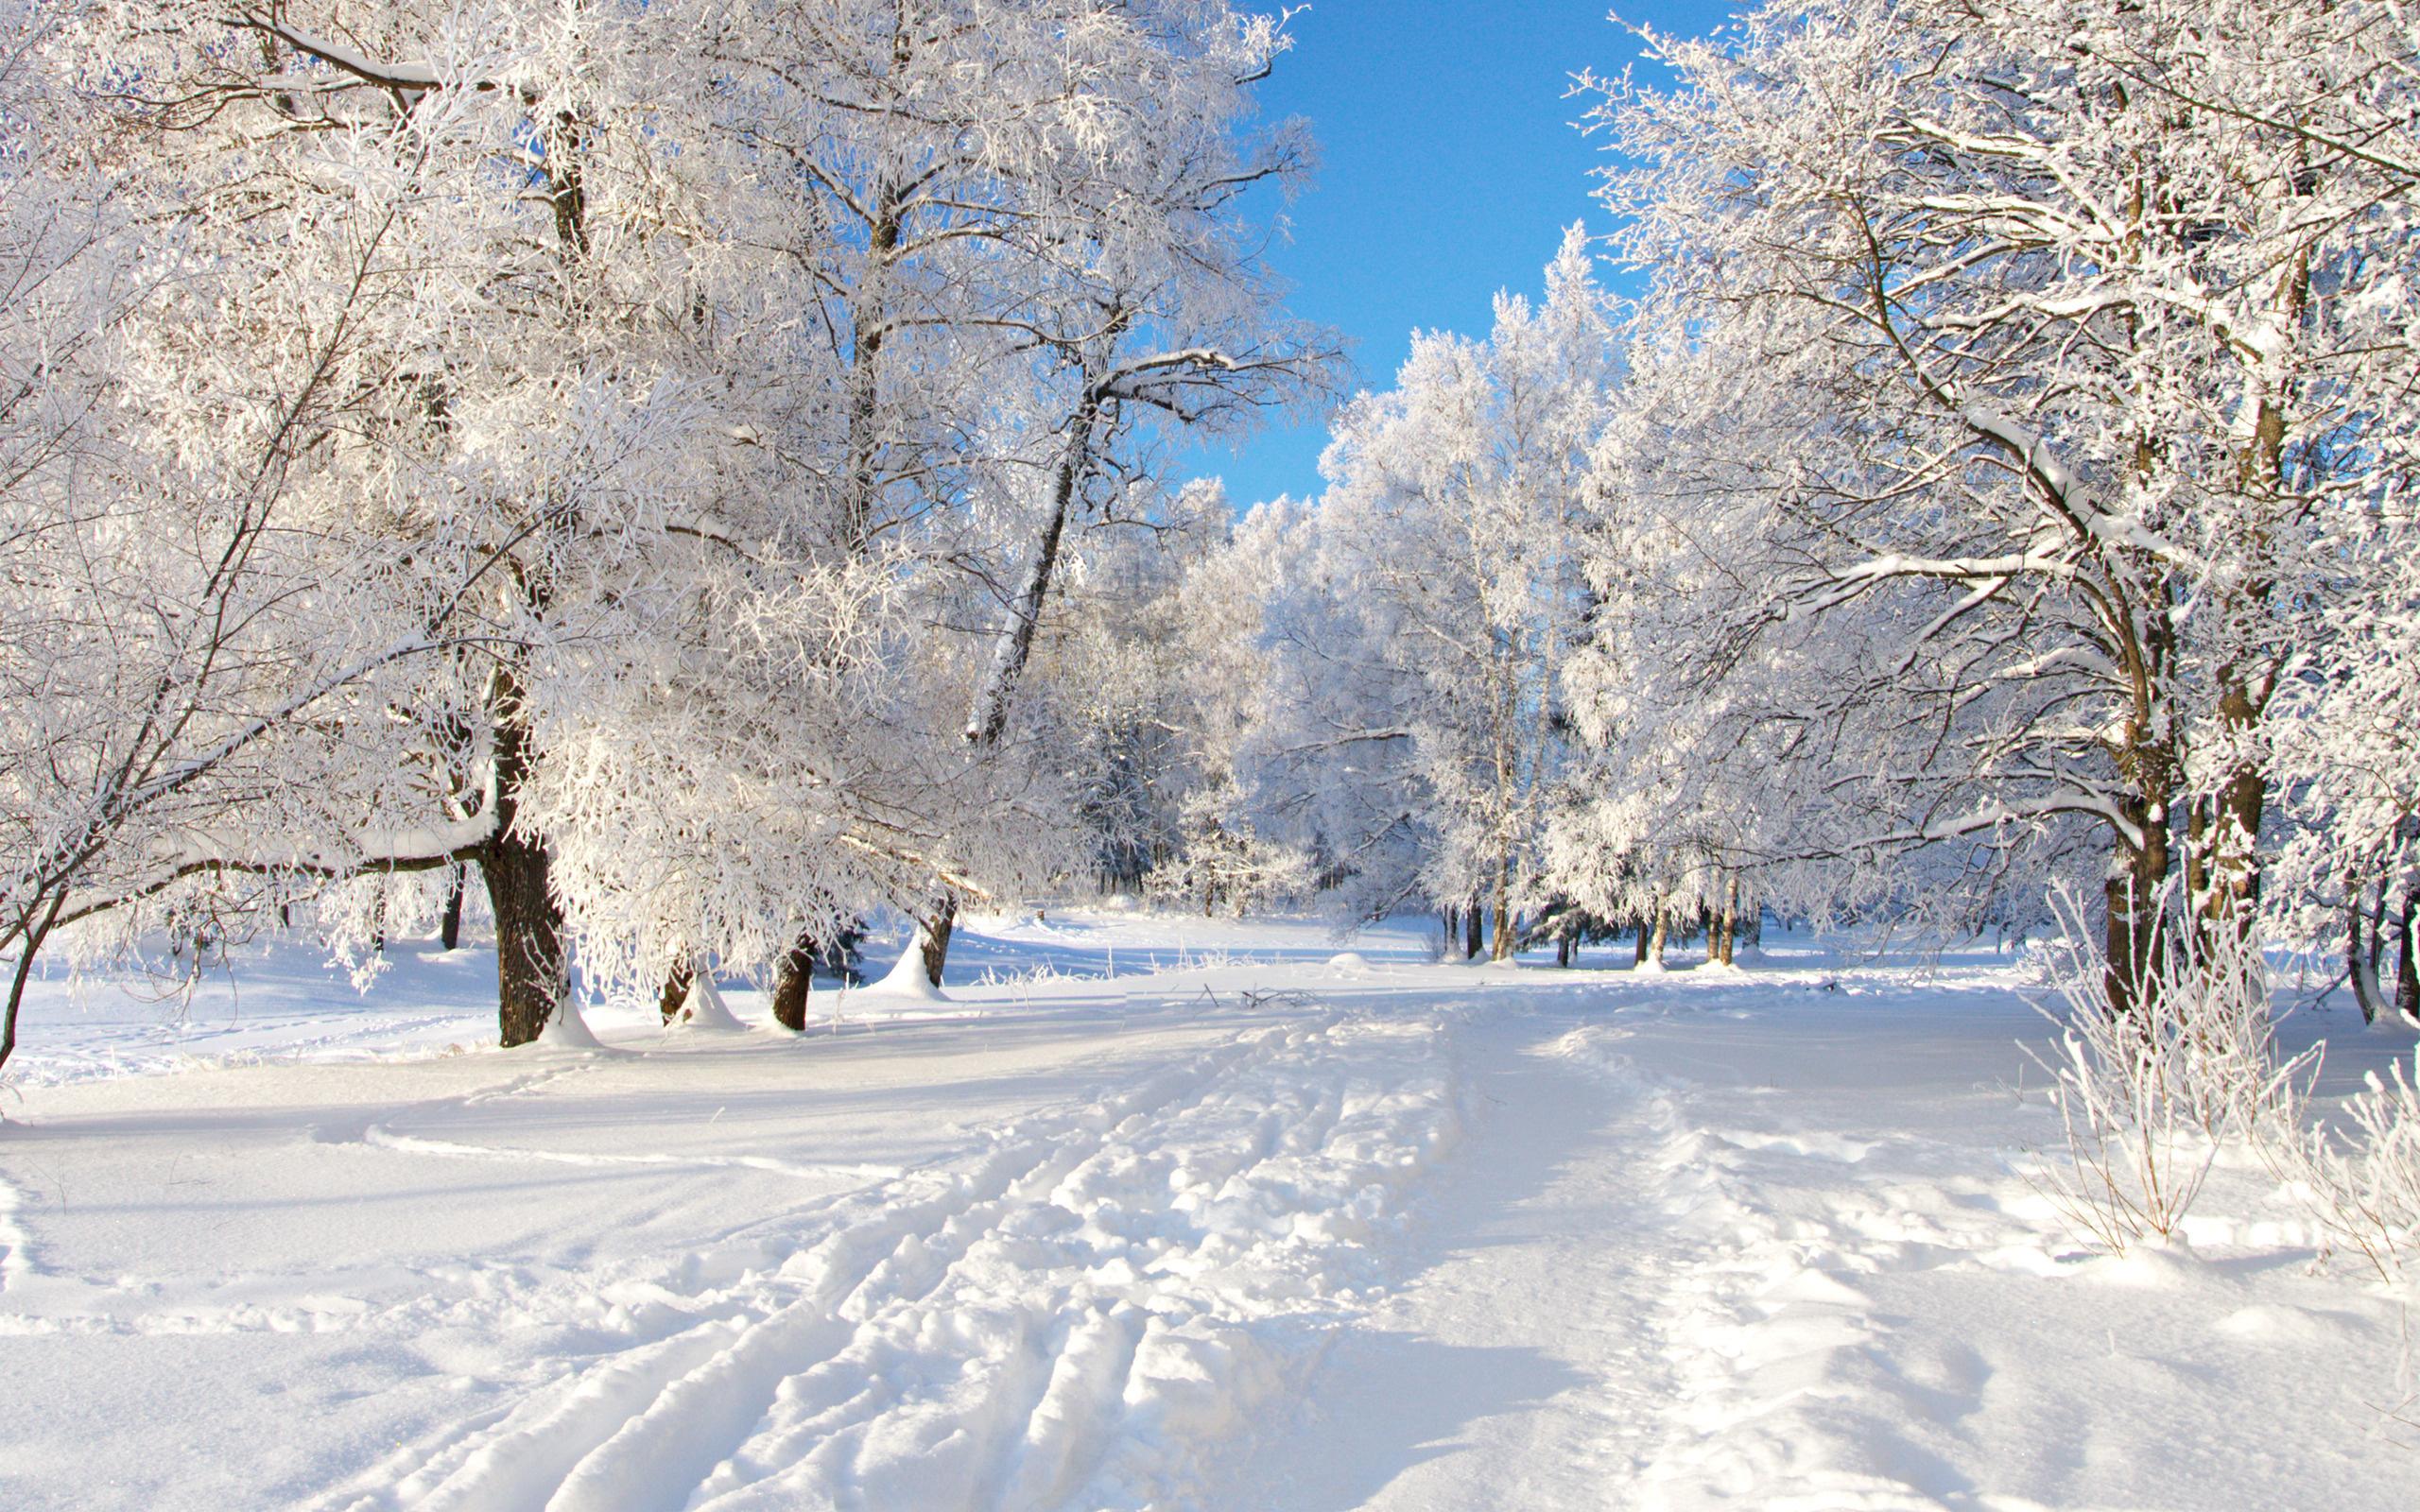 свадьбу зима в россии картинки на телефон фото девушка позирует